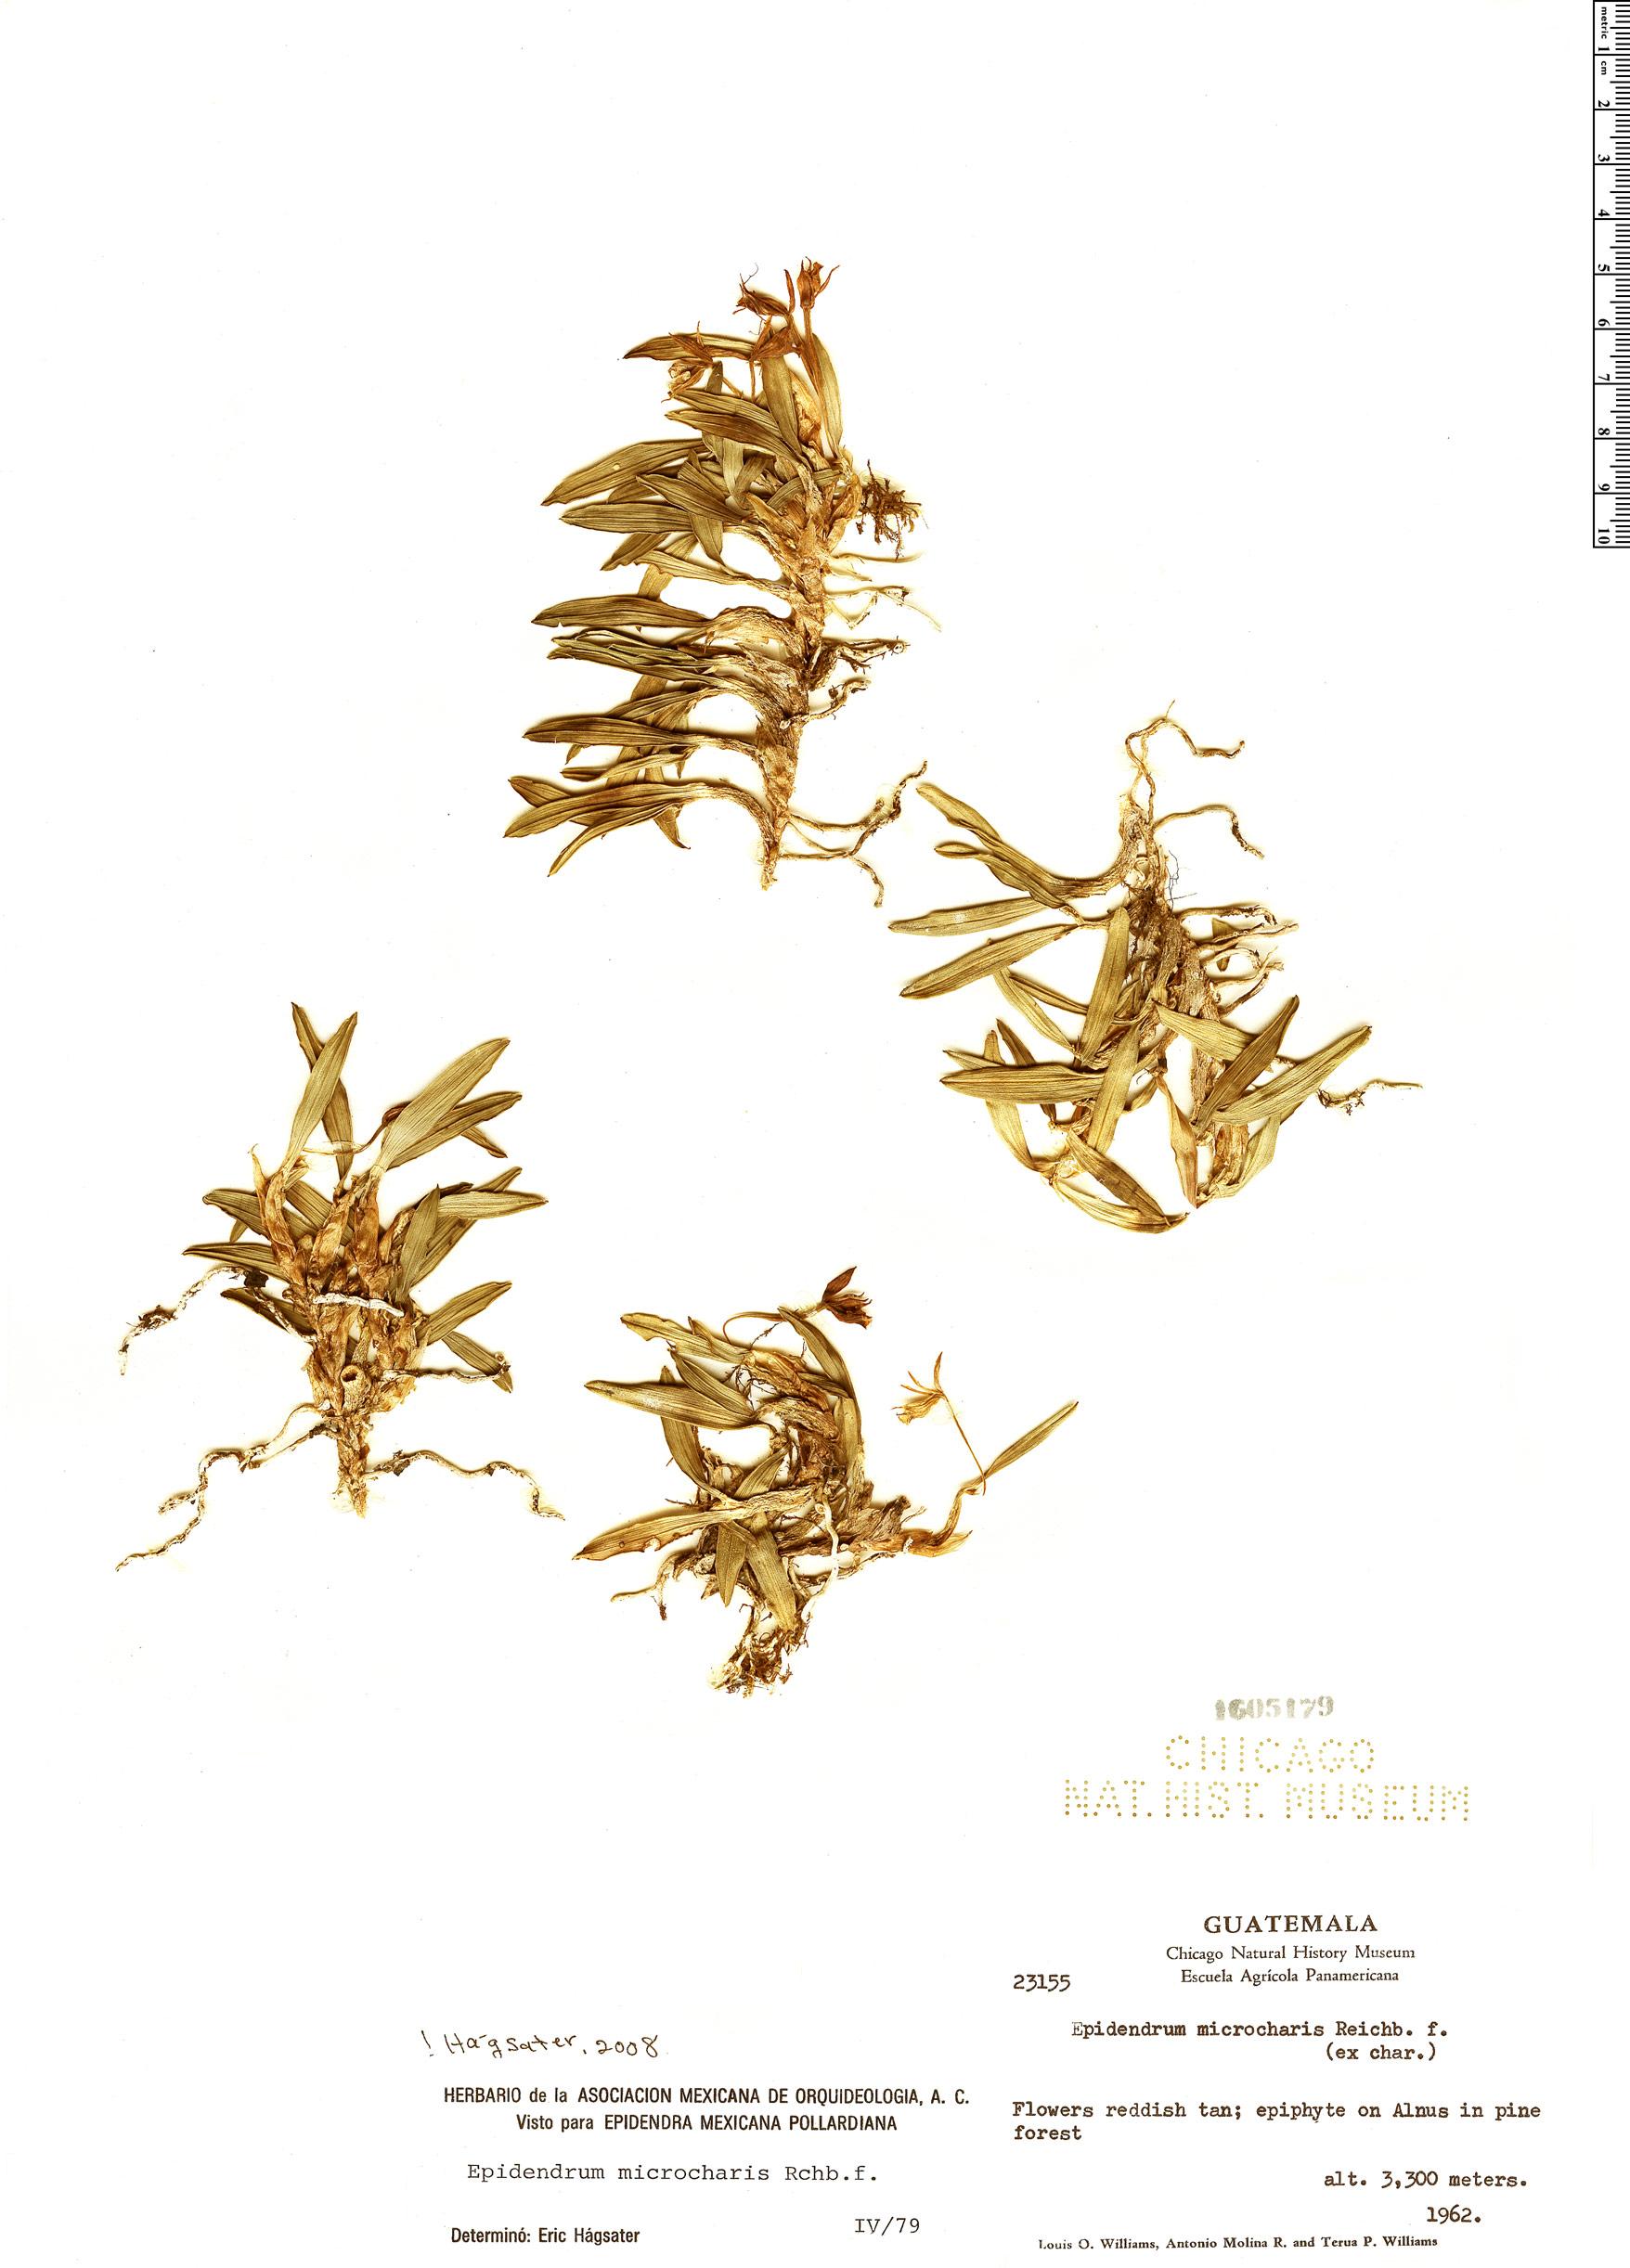 Specimen: Epidendrum microcharis